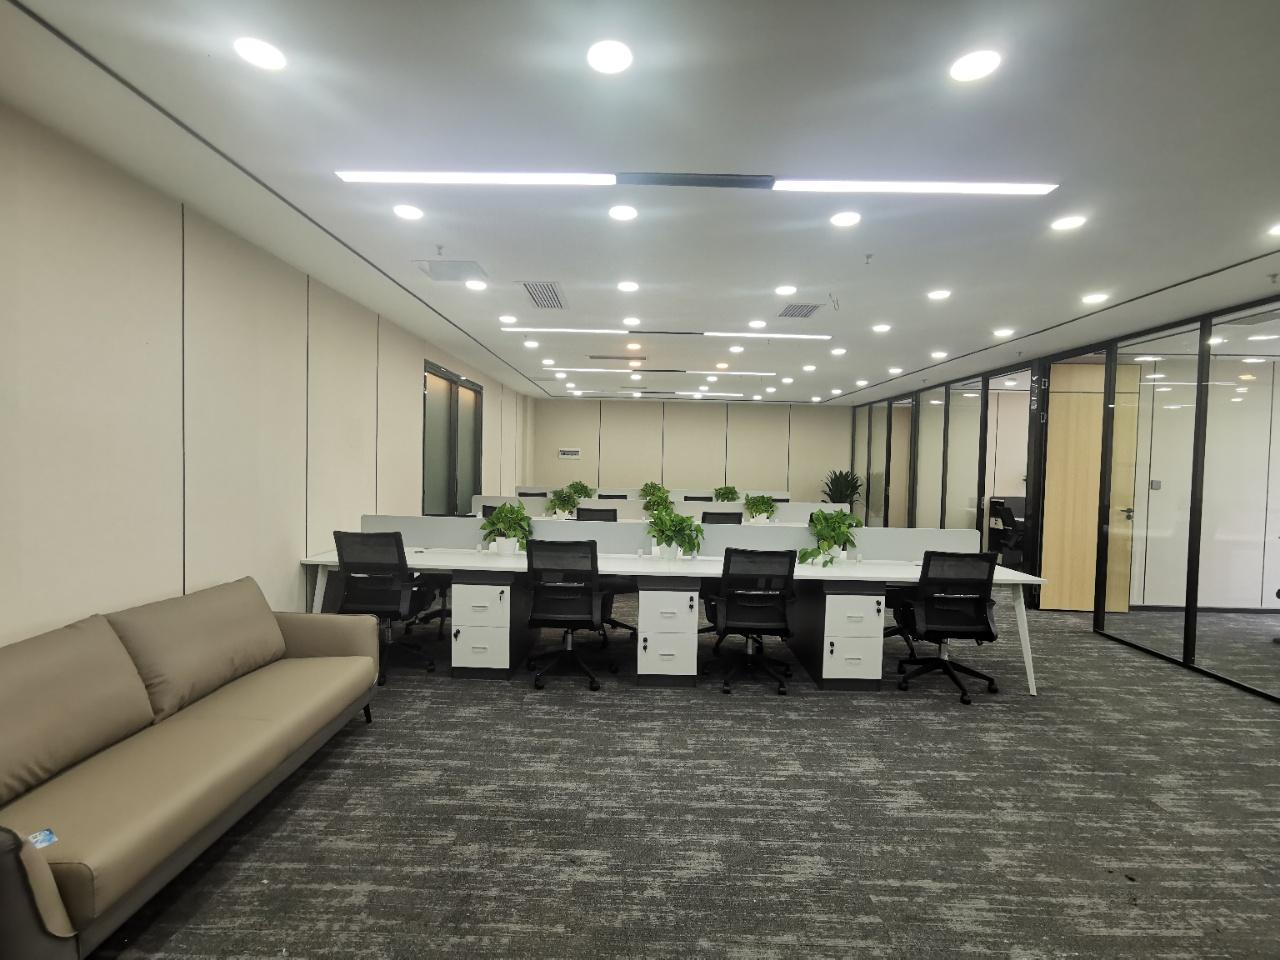 天府三街 香年广场 艺术精装带家具 4隔间30工位 商圈成熟